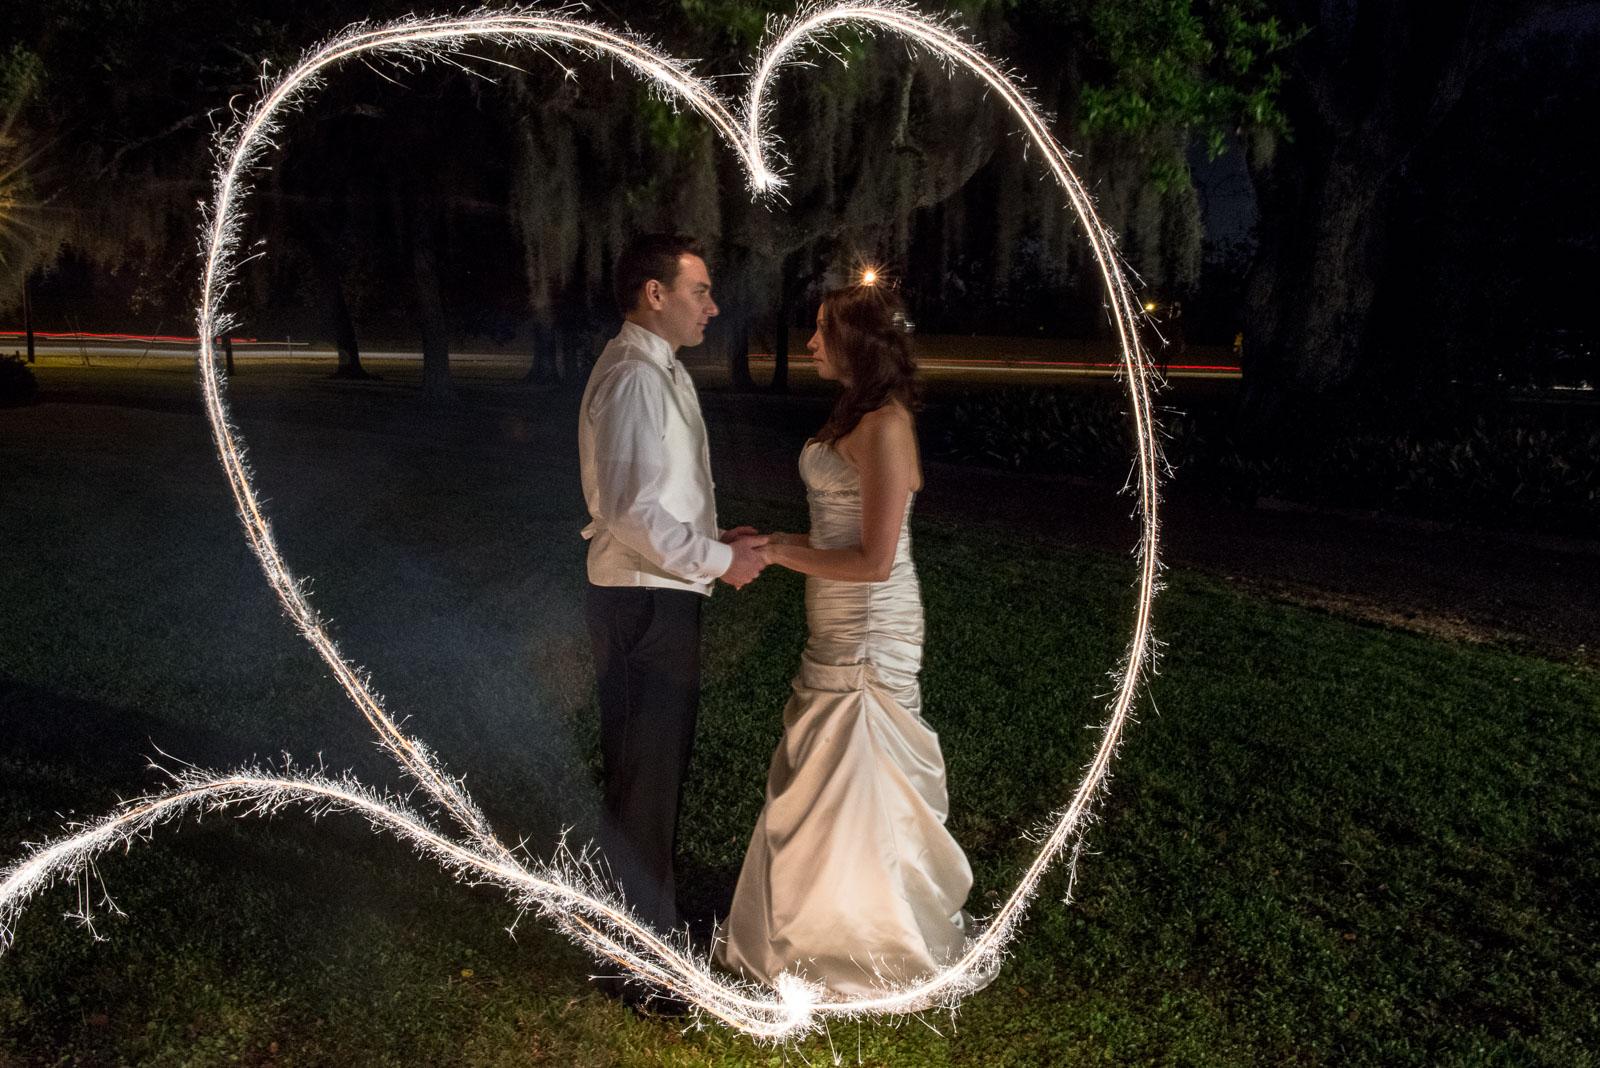 Wedding002_2013_0406_JMWedding_Sparklers_011_v2.jpg